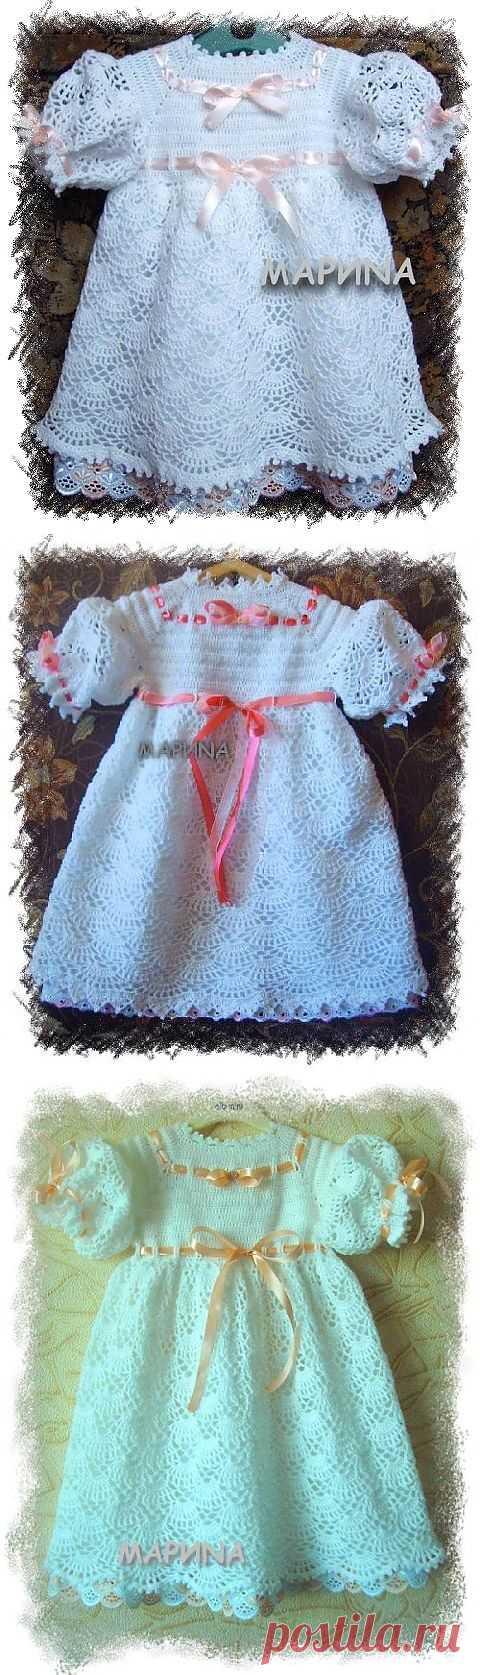 Мастер класс по вязанию нарядного платья для девочки.